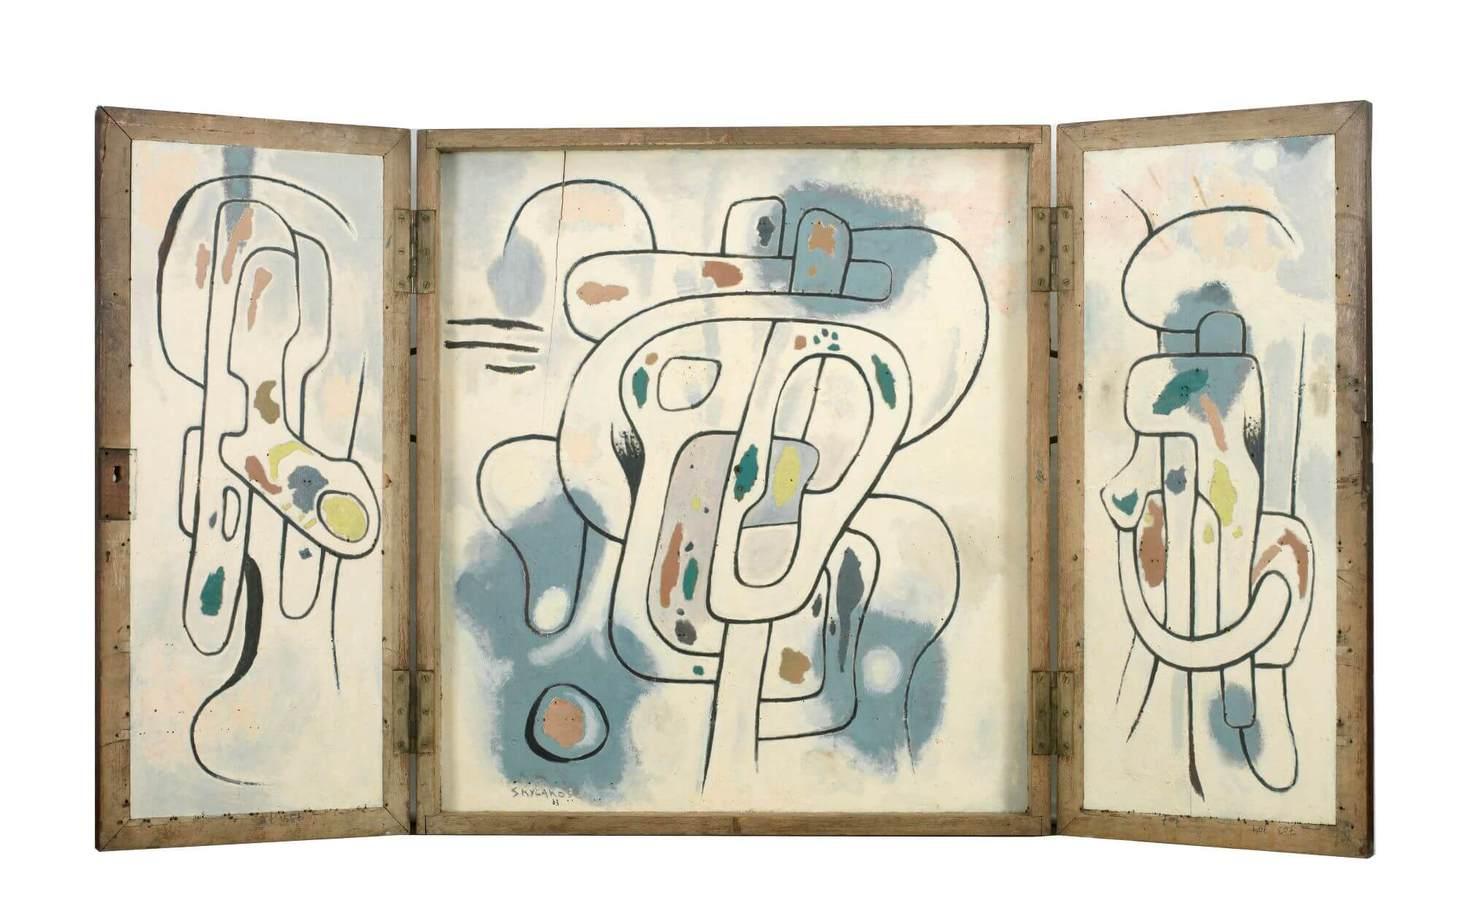 Βασίλης Σκυλάκος (1930-2000) «Χωρίς τίτλο» τρίπτυχο Α', 1963 λάδι σε ξύλο, ανοιχτό: 80 x 150 εκ.